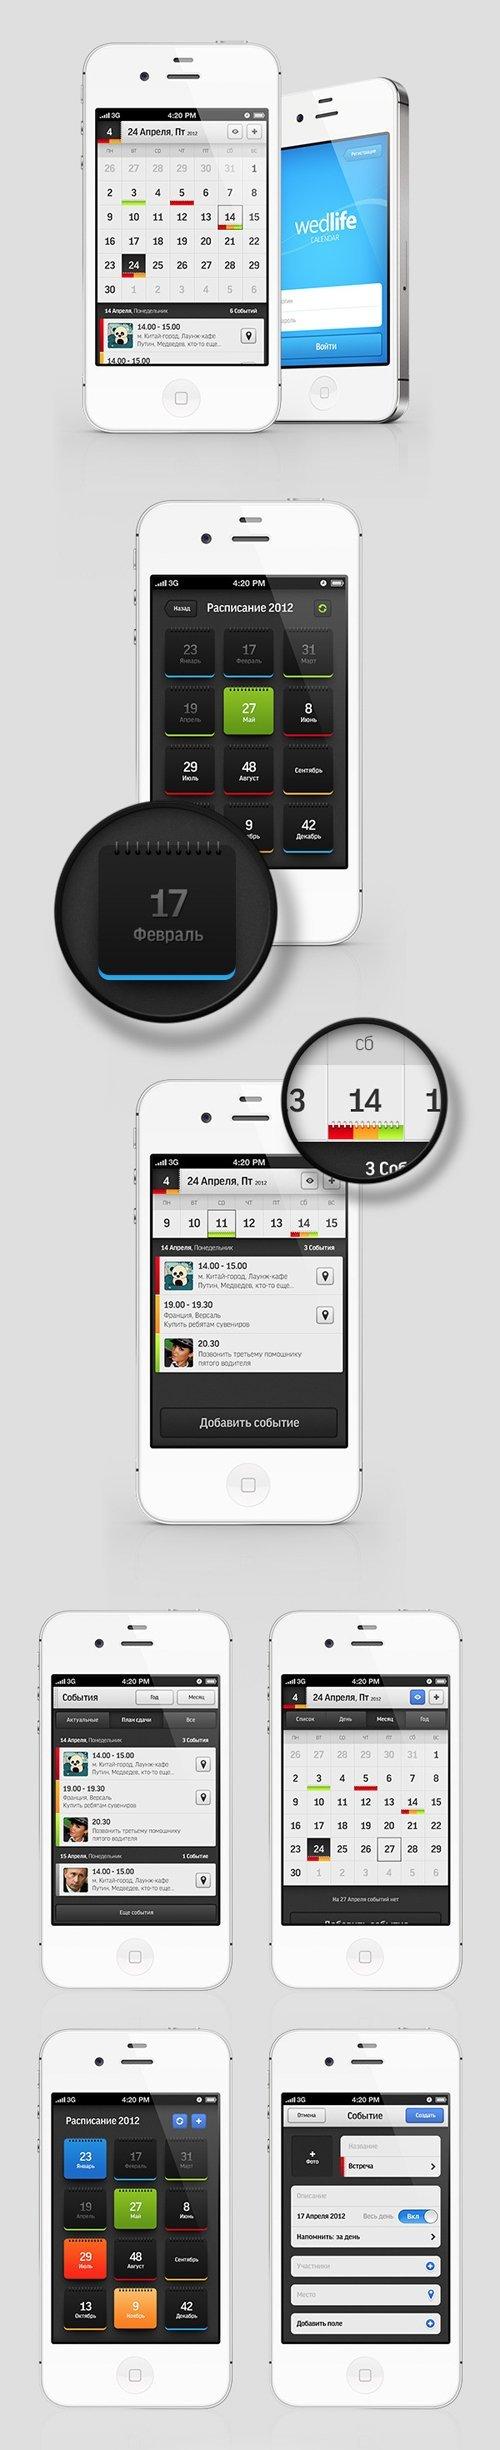 手机界面设计UI/UX-34